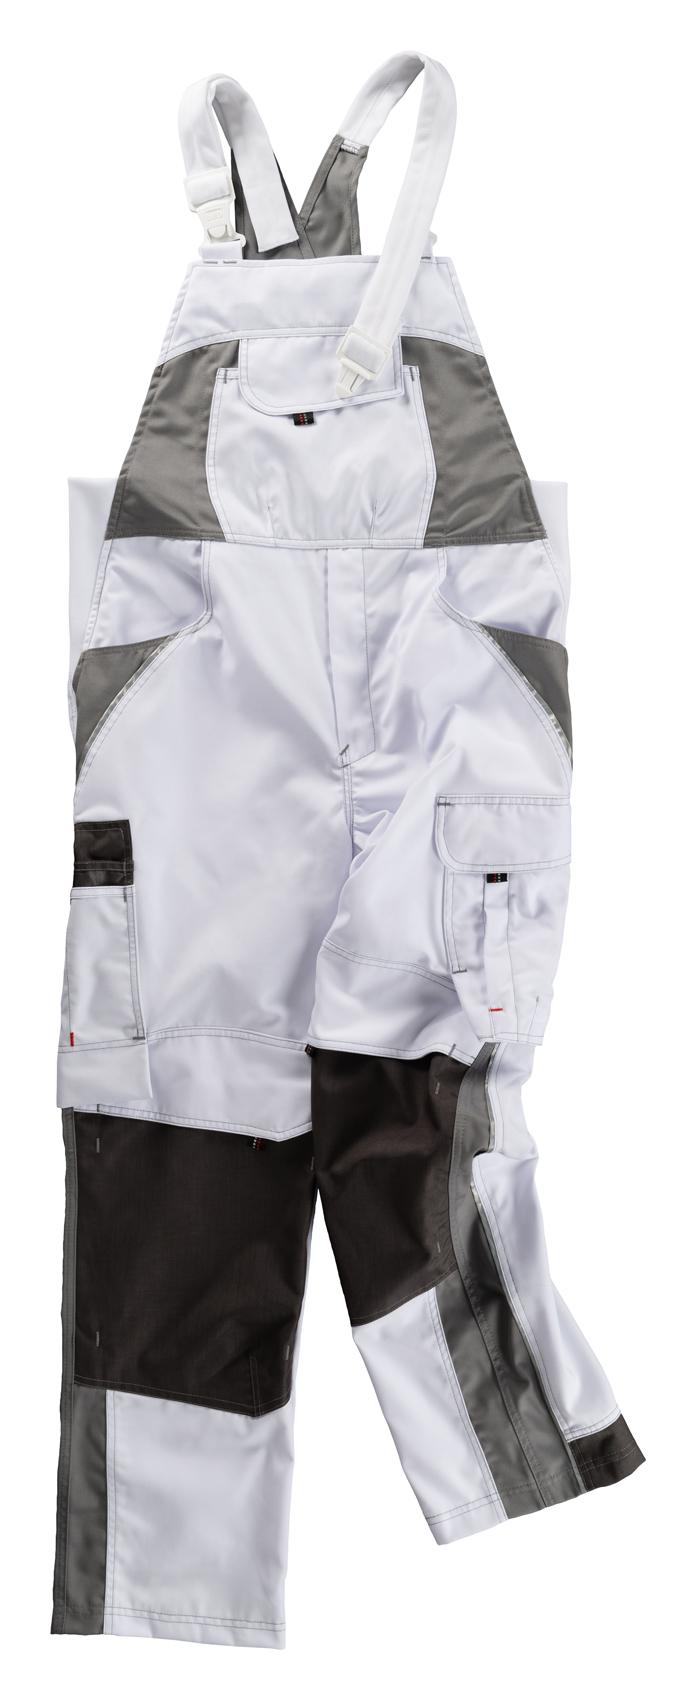 Heute im Angebot: Latzhose INFLAME von BEB / Farbe: Weiß/Grau jetzt günstig kaufen